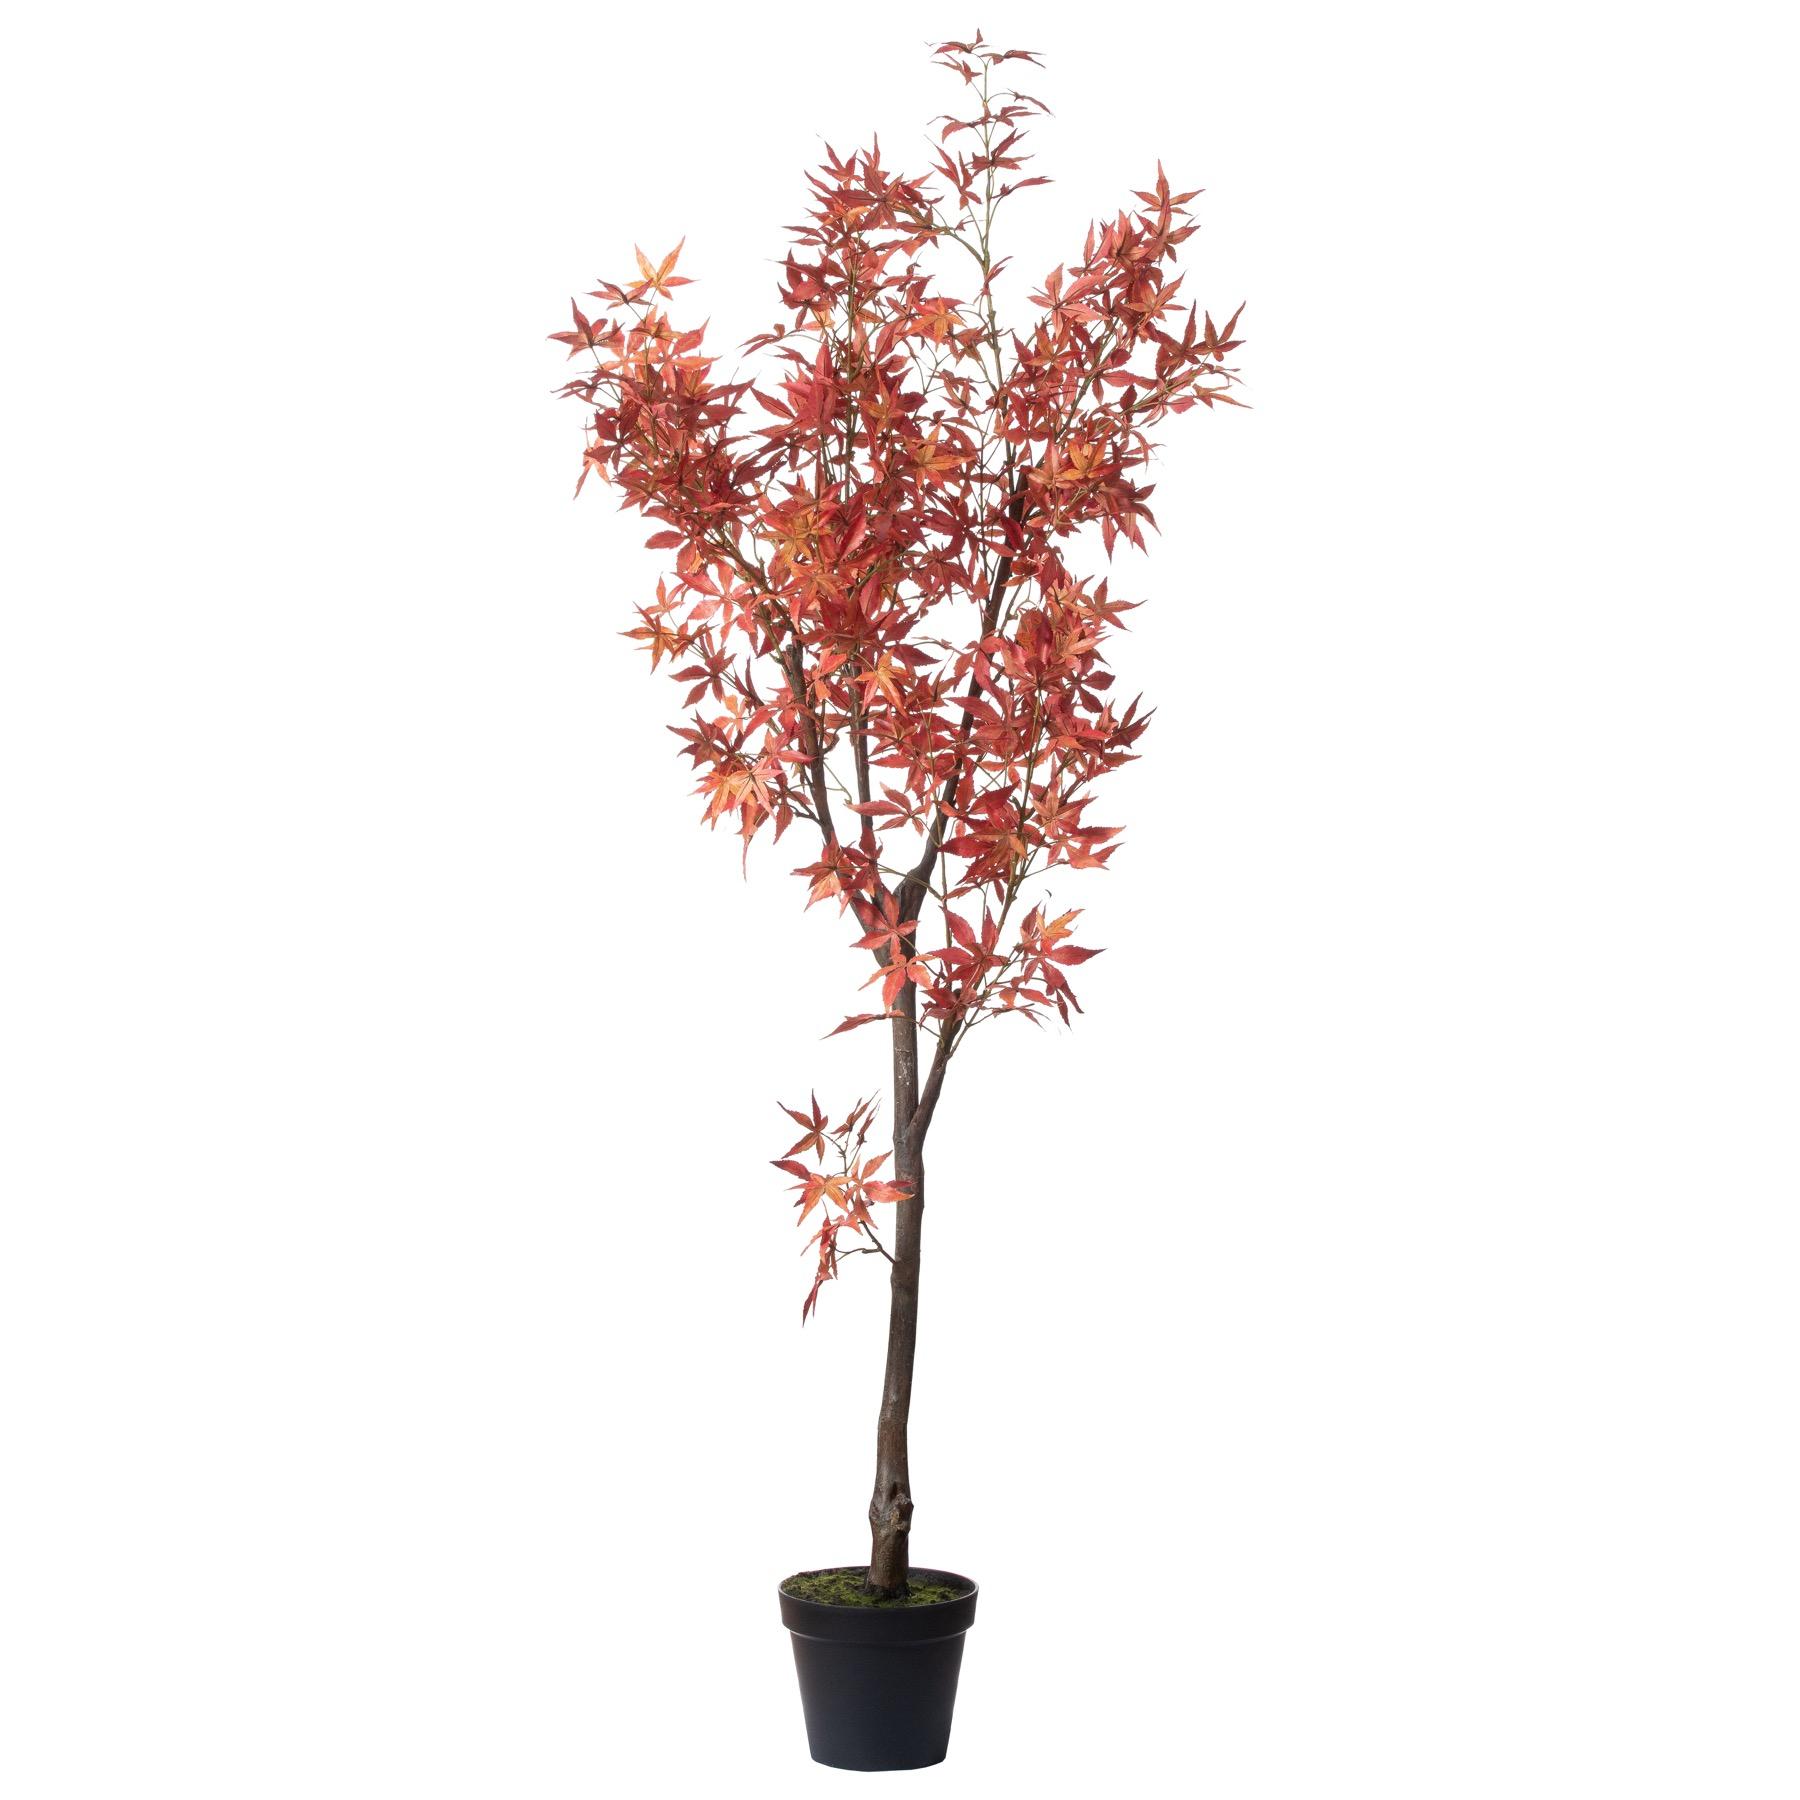 Large Acer Tree - Image 1